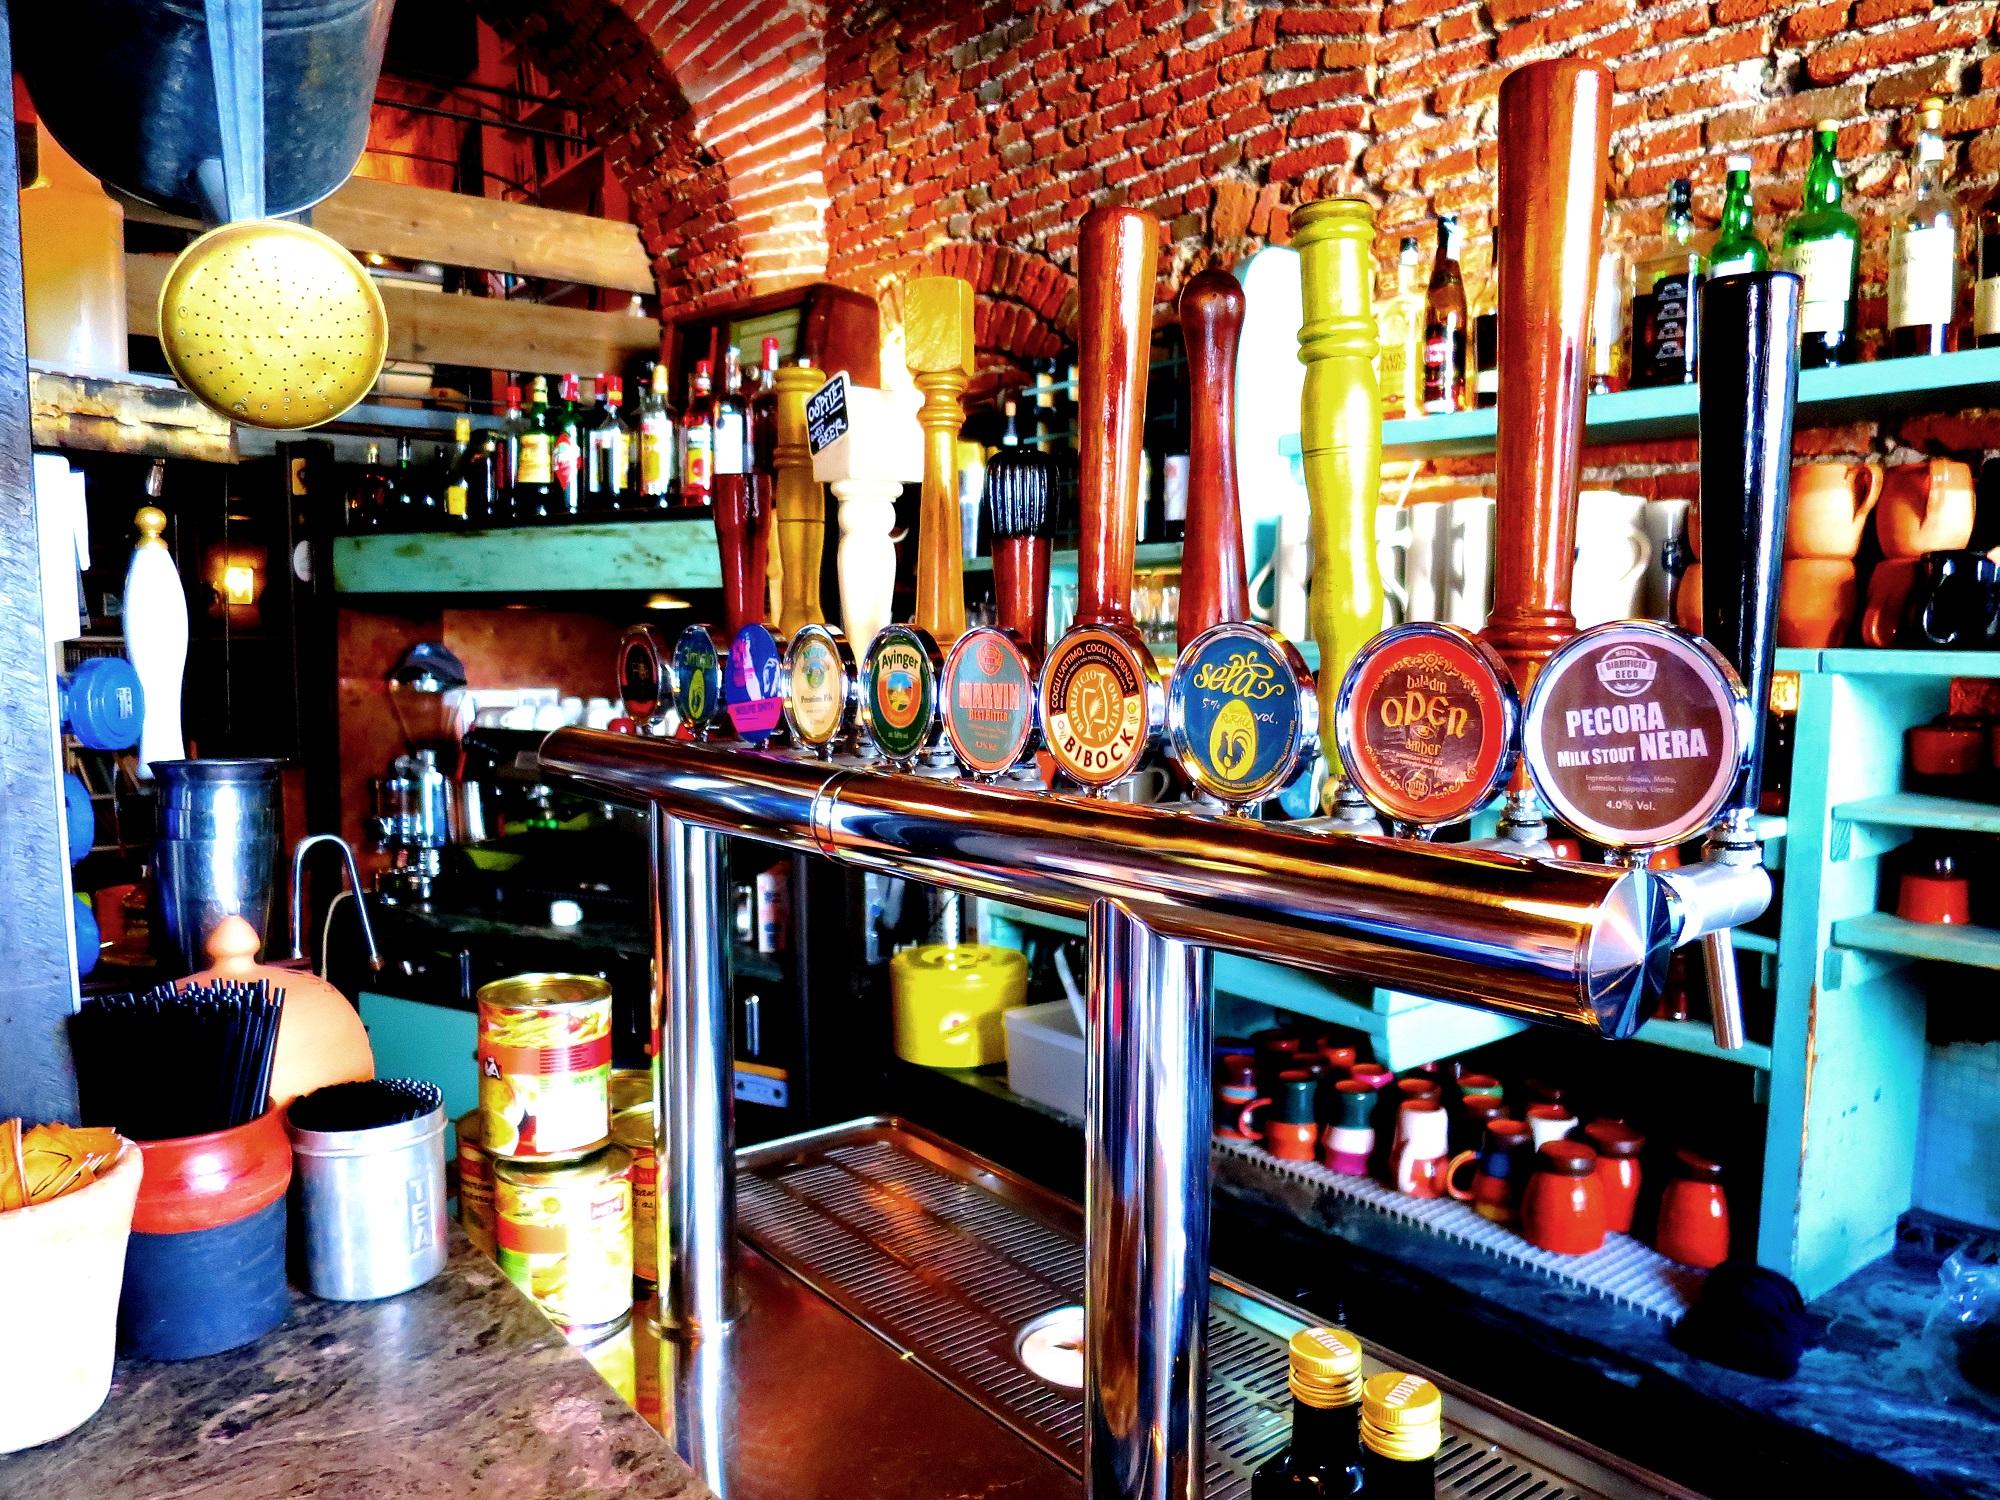 Risultati immagini per al coccio pub naviglio